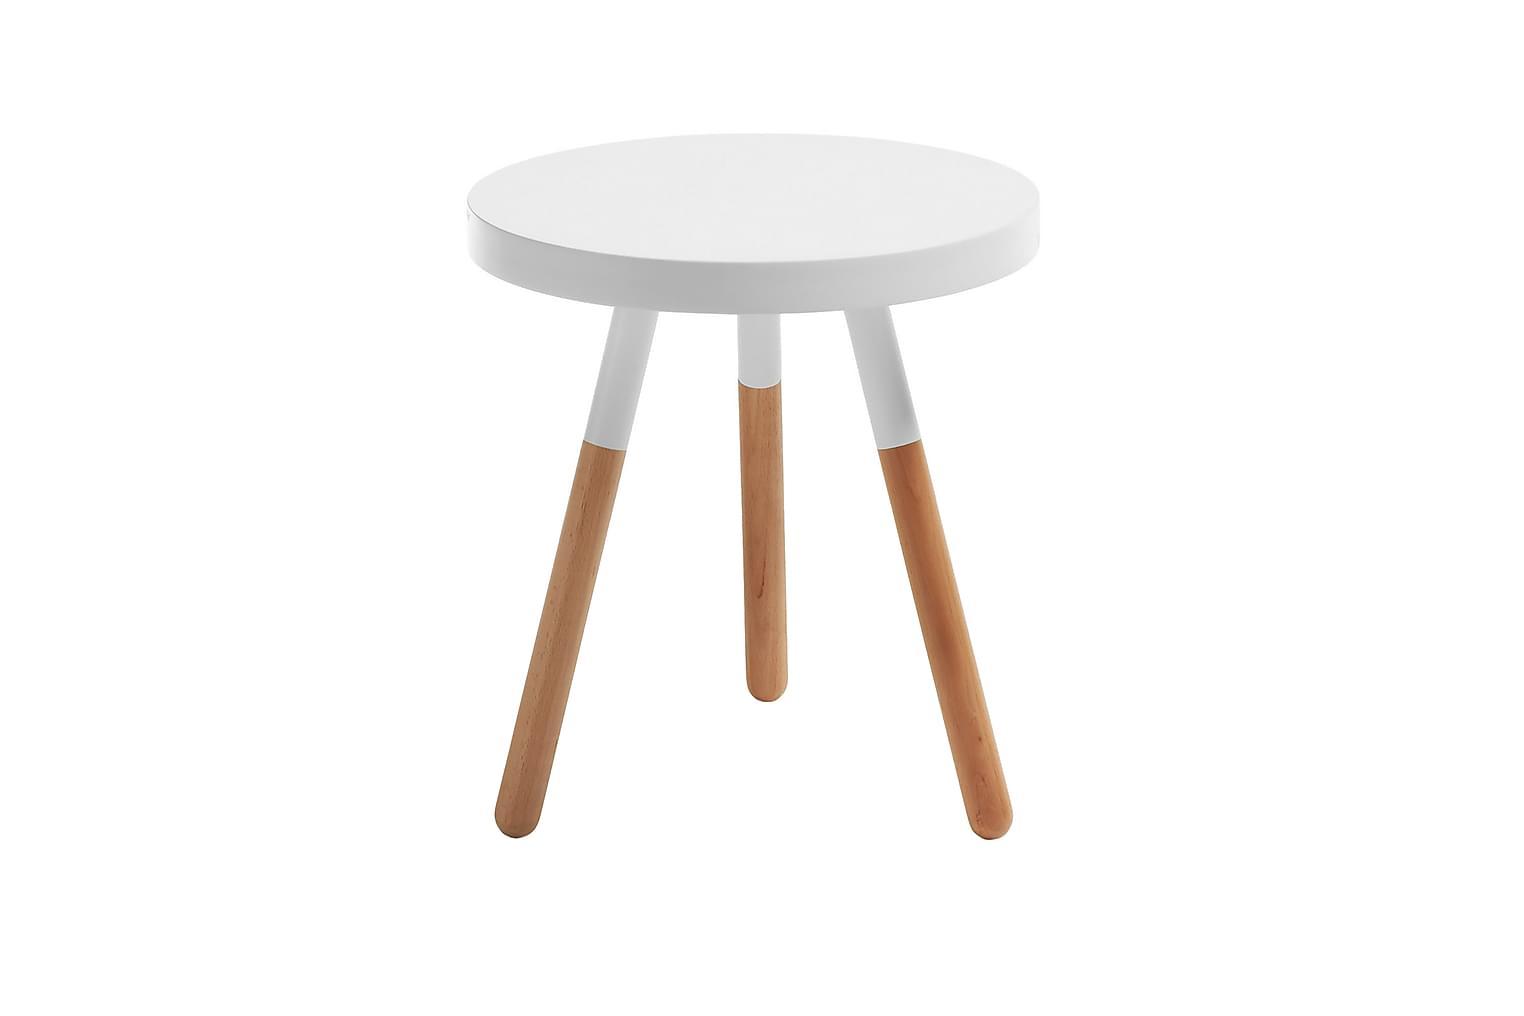 MAGIONE Sivupöytä 48 Valkoinen/Luonnonväri